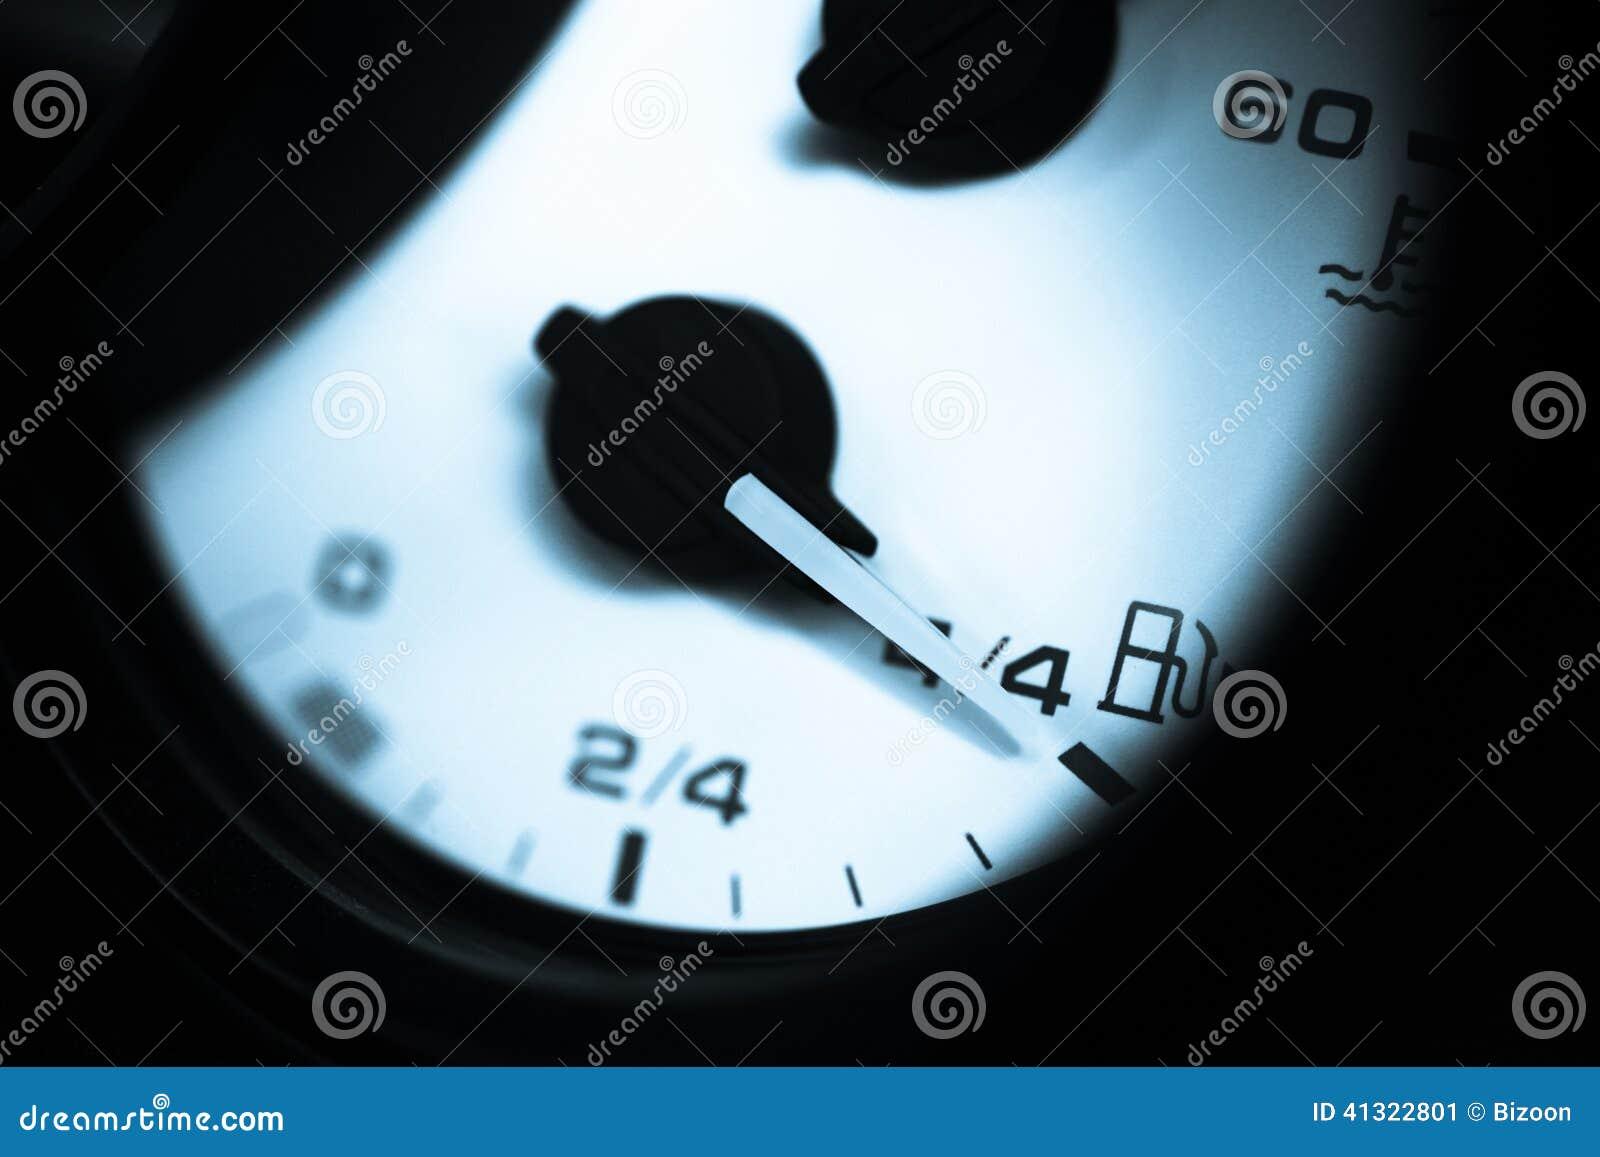 Возможно ли сбросить показания счетчика расхода топлива на VW Passat B7?